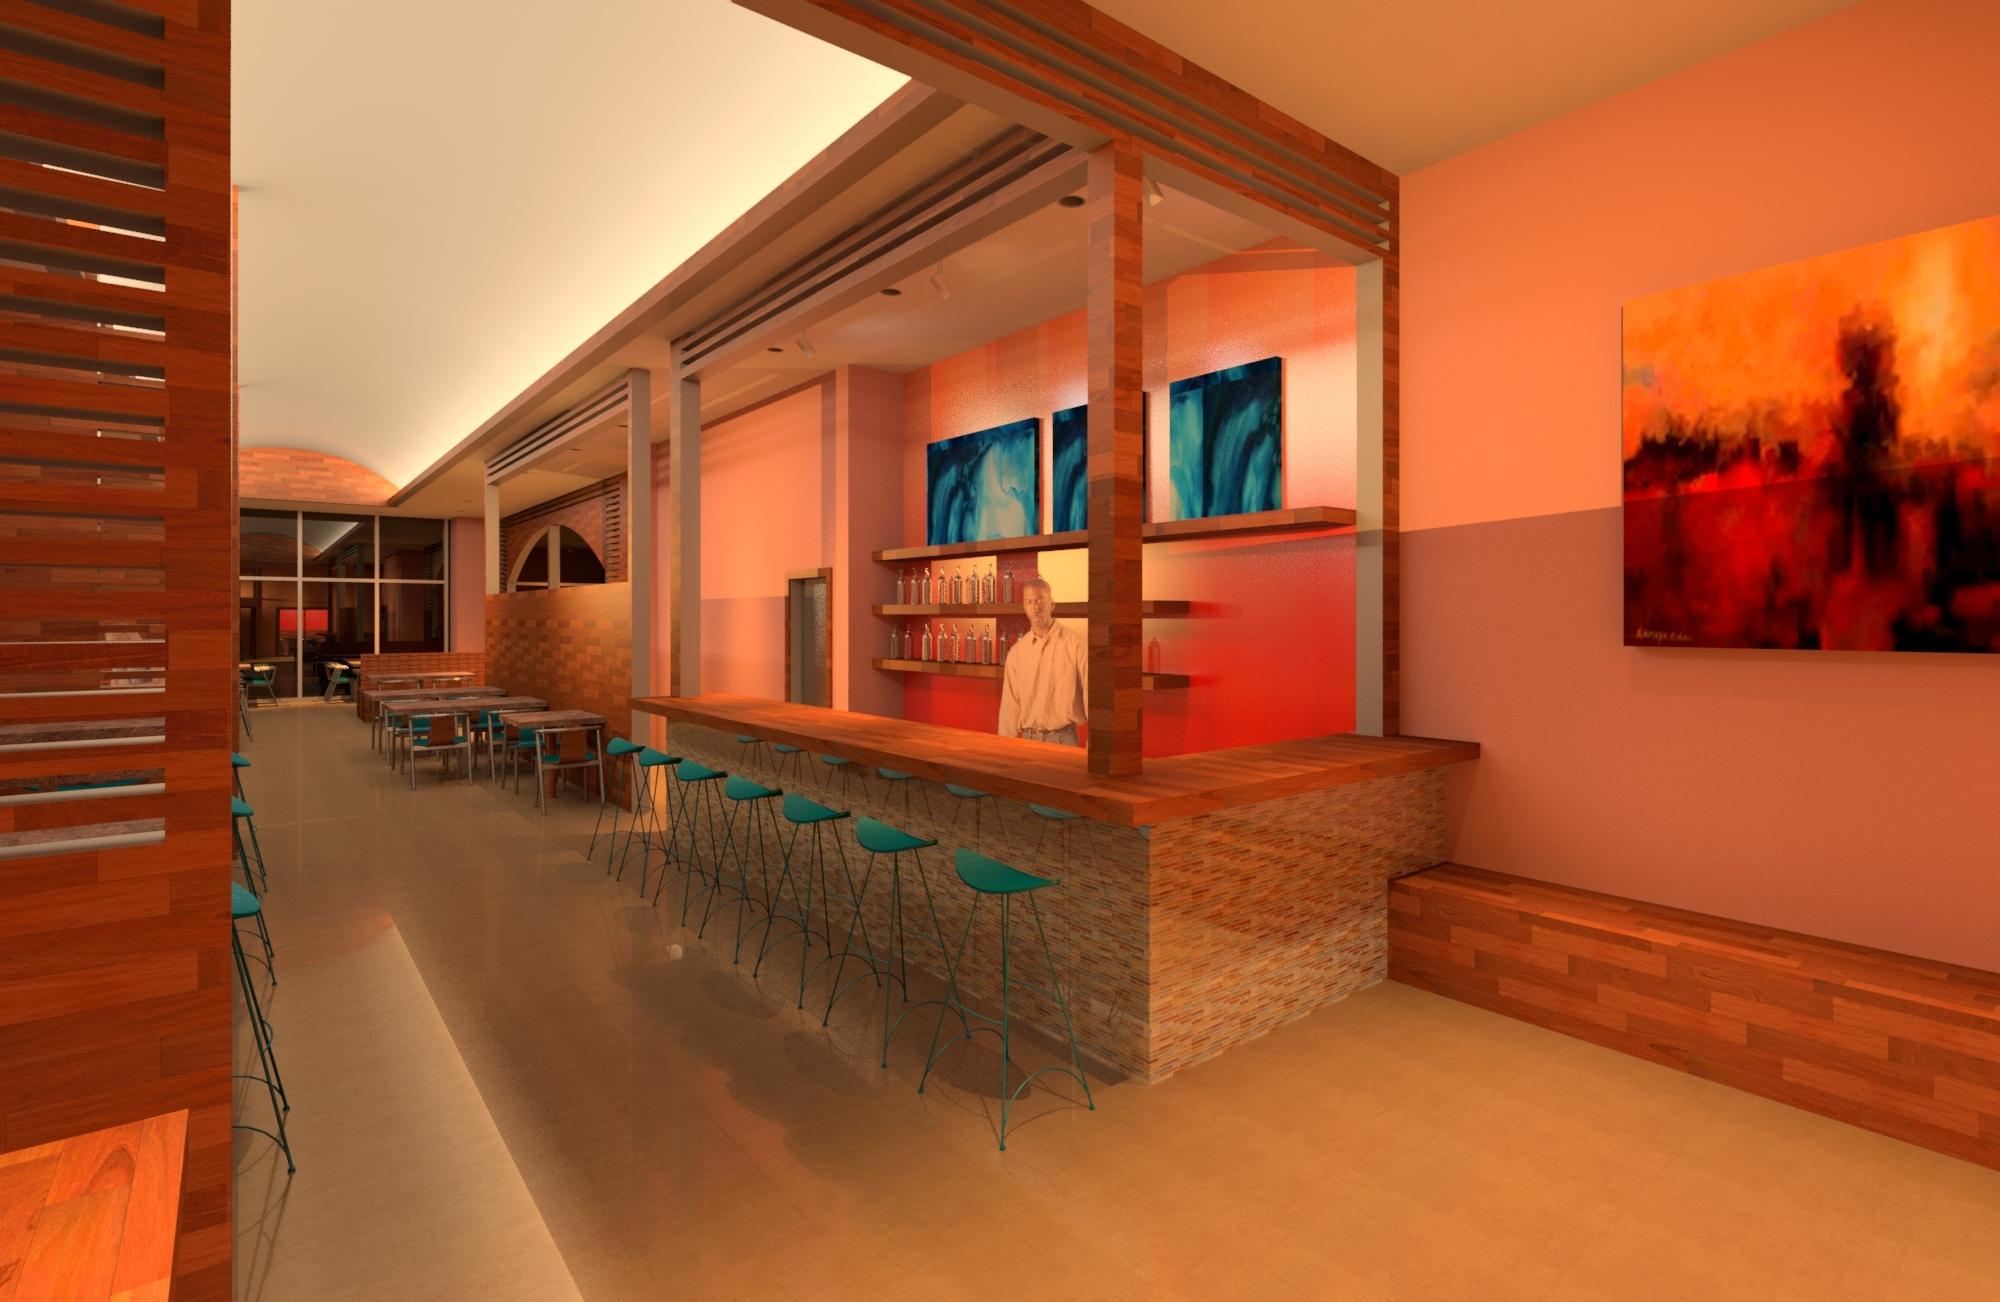 Raas-rendering20141202-21669-8q7vy8